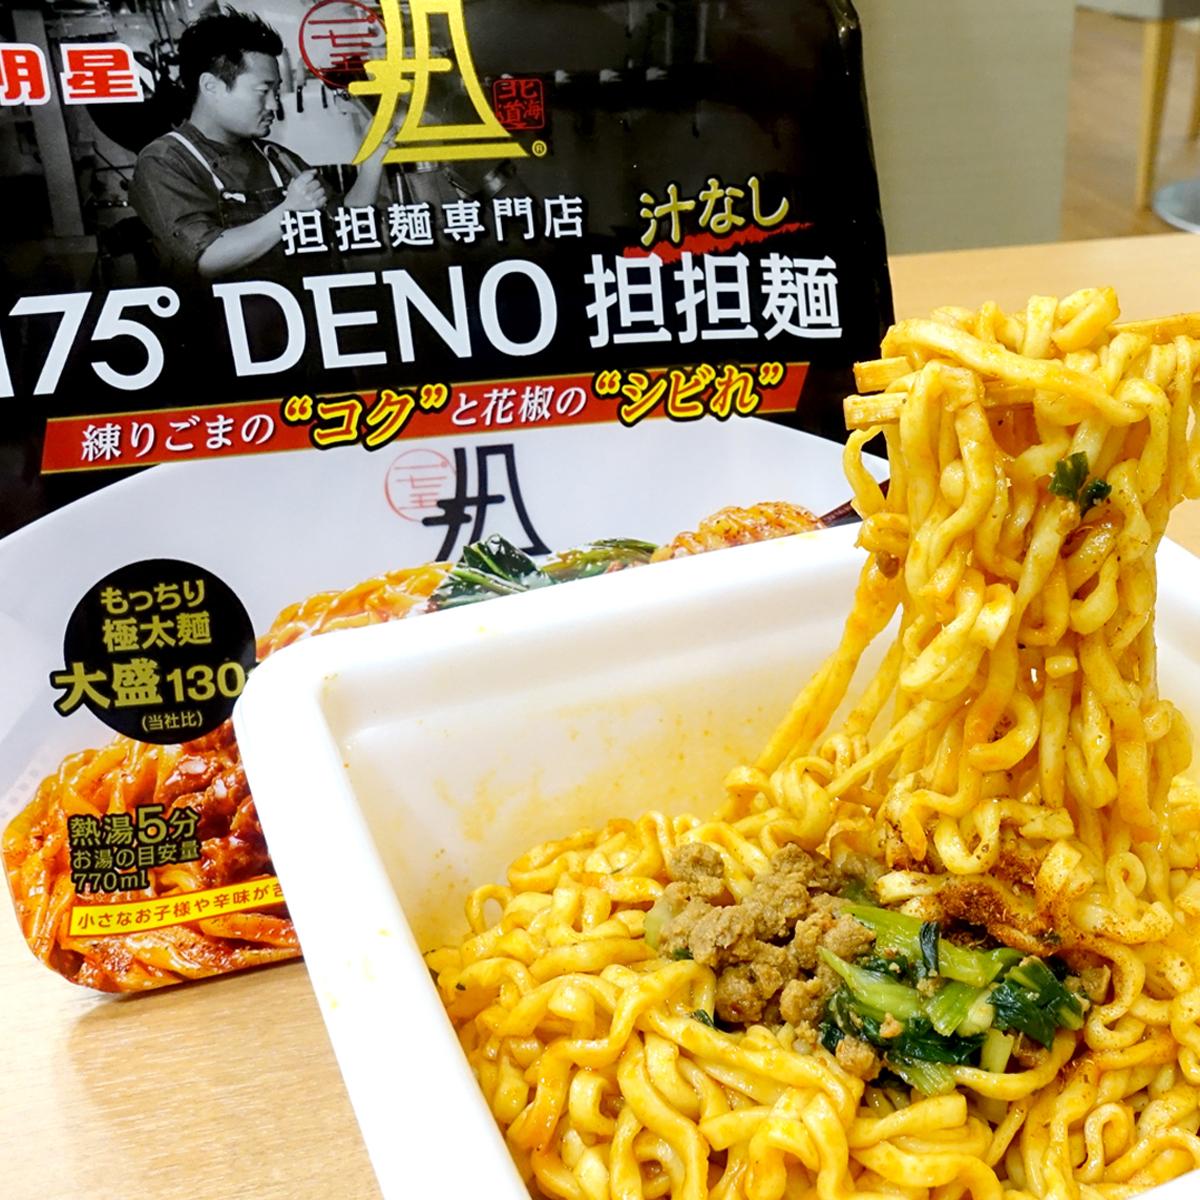 「クセになるヤミツキになる」札幌発175°DENOの本格汁なし担担麺とカップ麺をガチ比べ